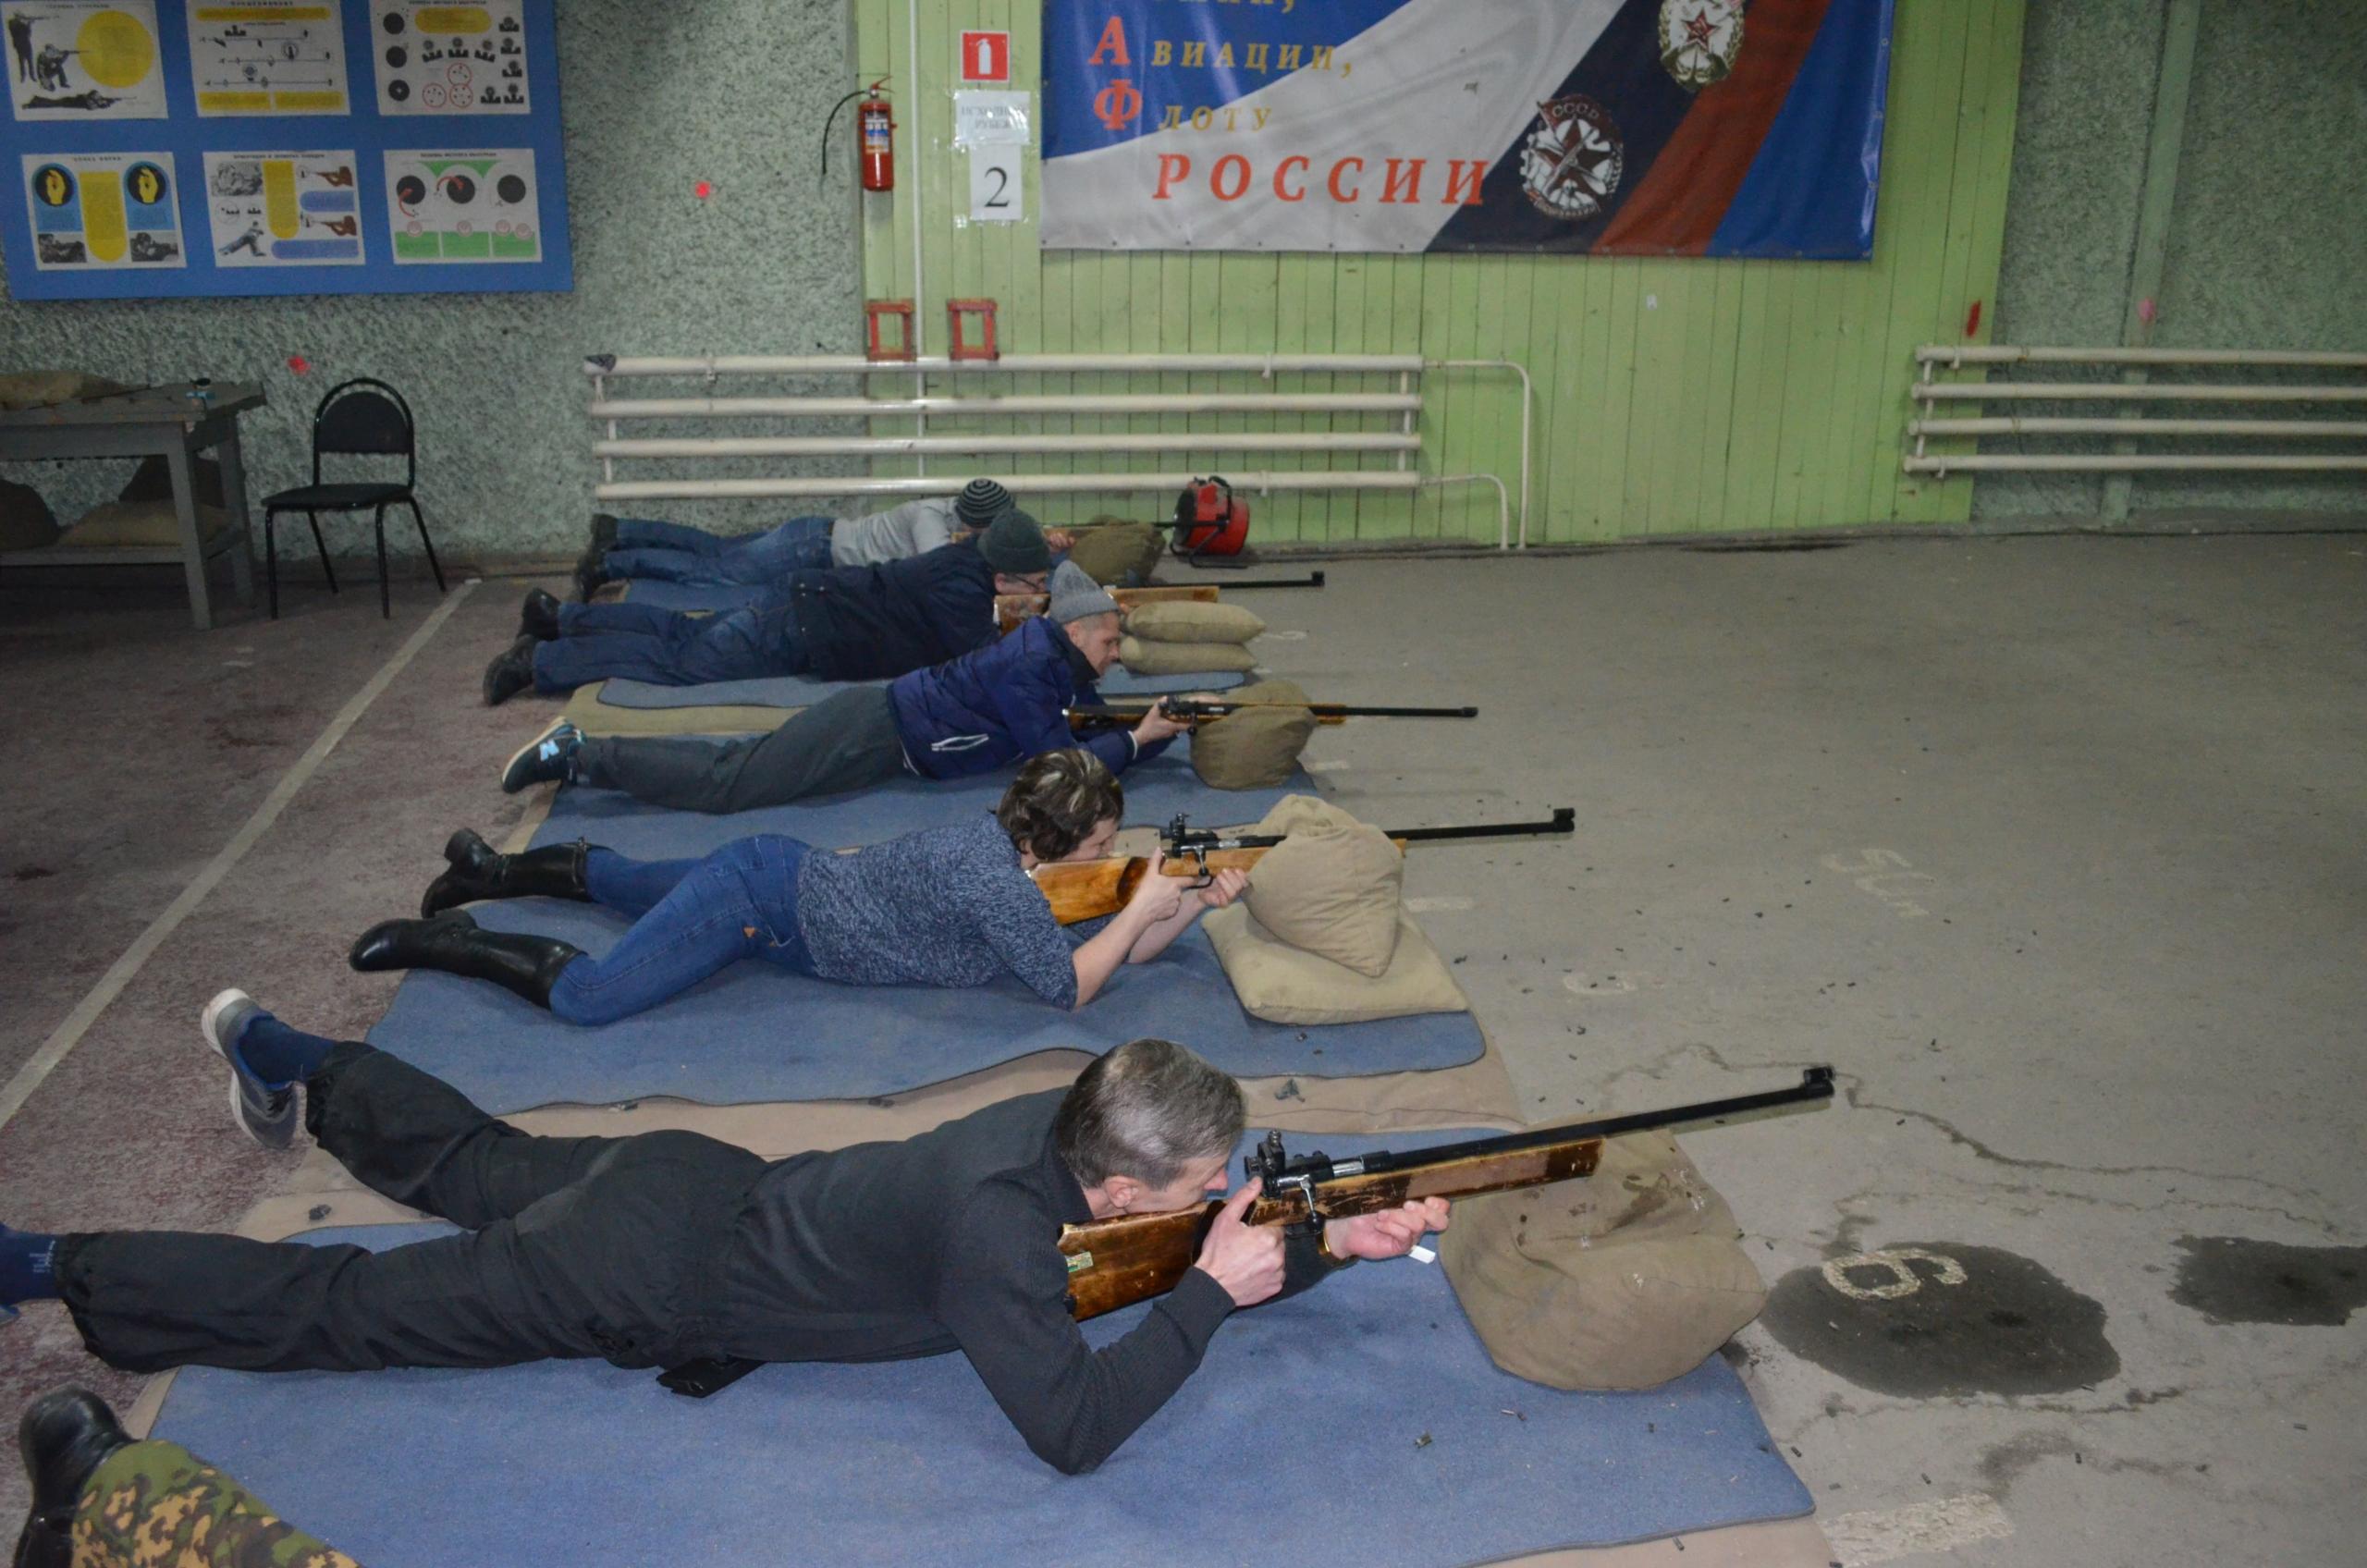 турнир ТОООП по пулевой стрельбе